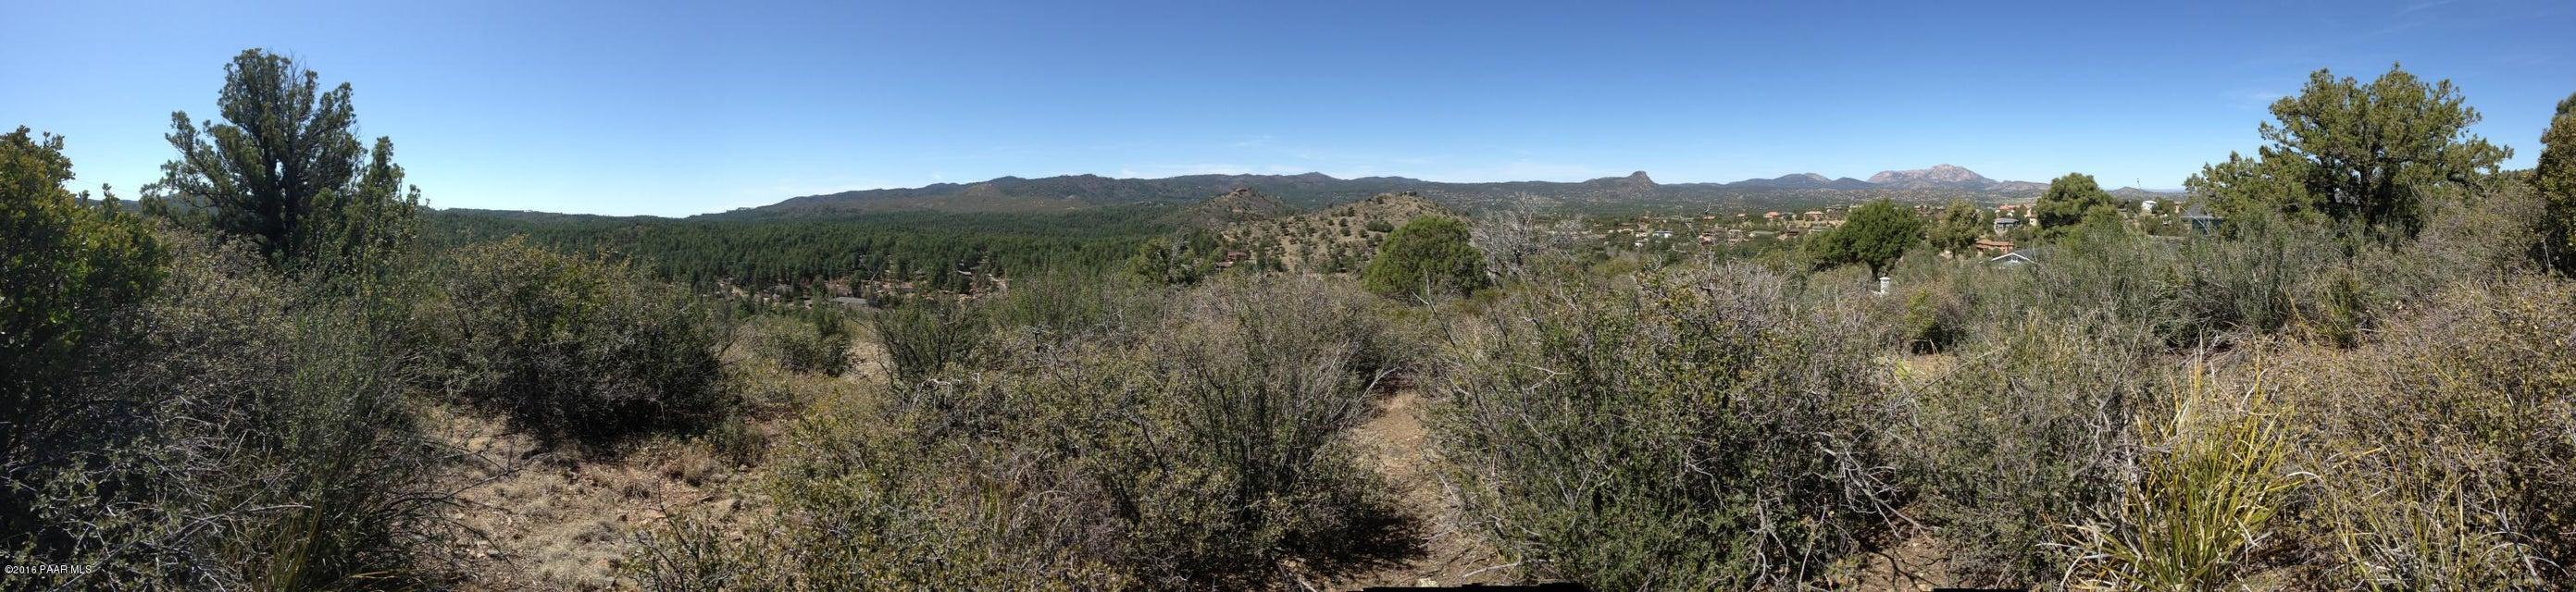 497 E Old Senator Road Prescott, AZ 86303 - MLS #: 994281